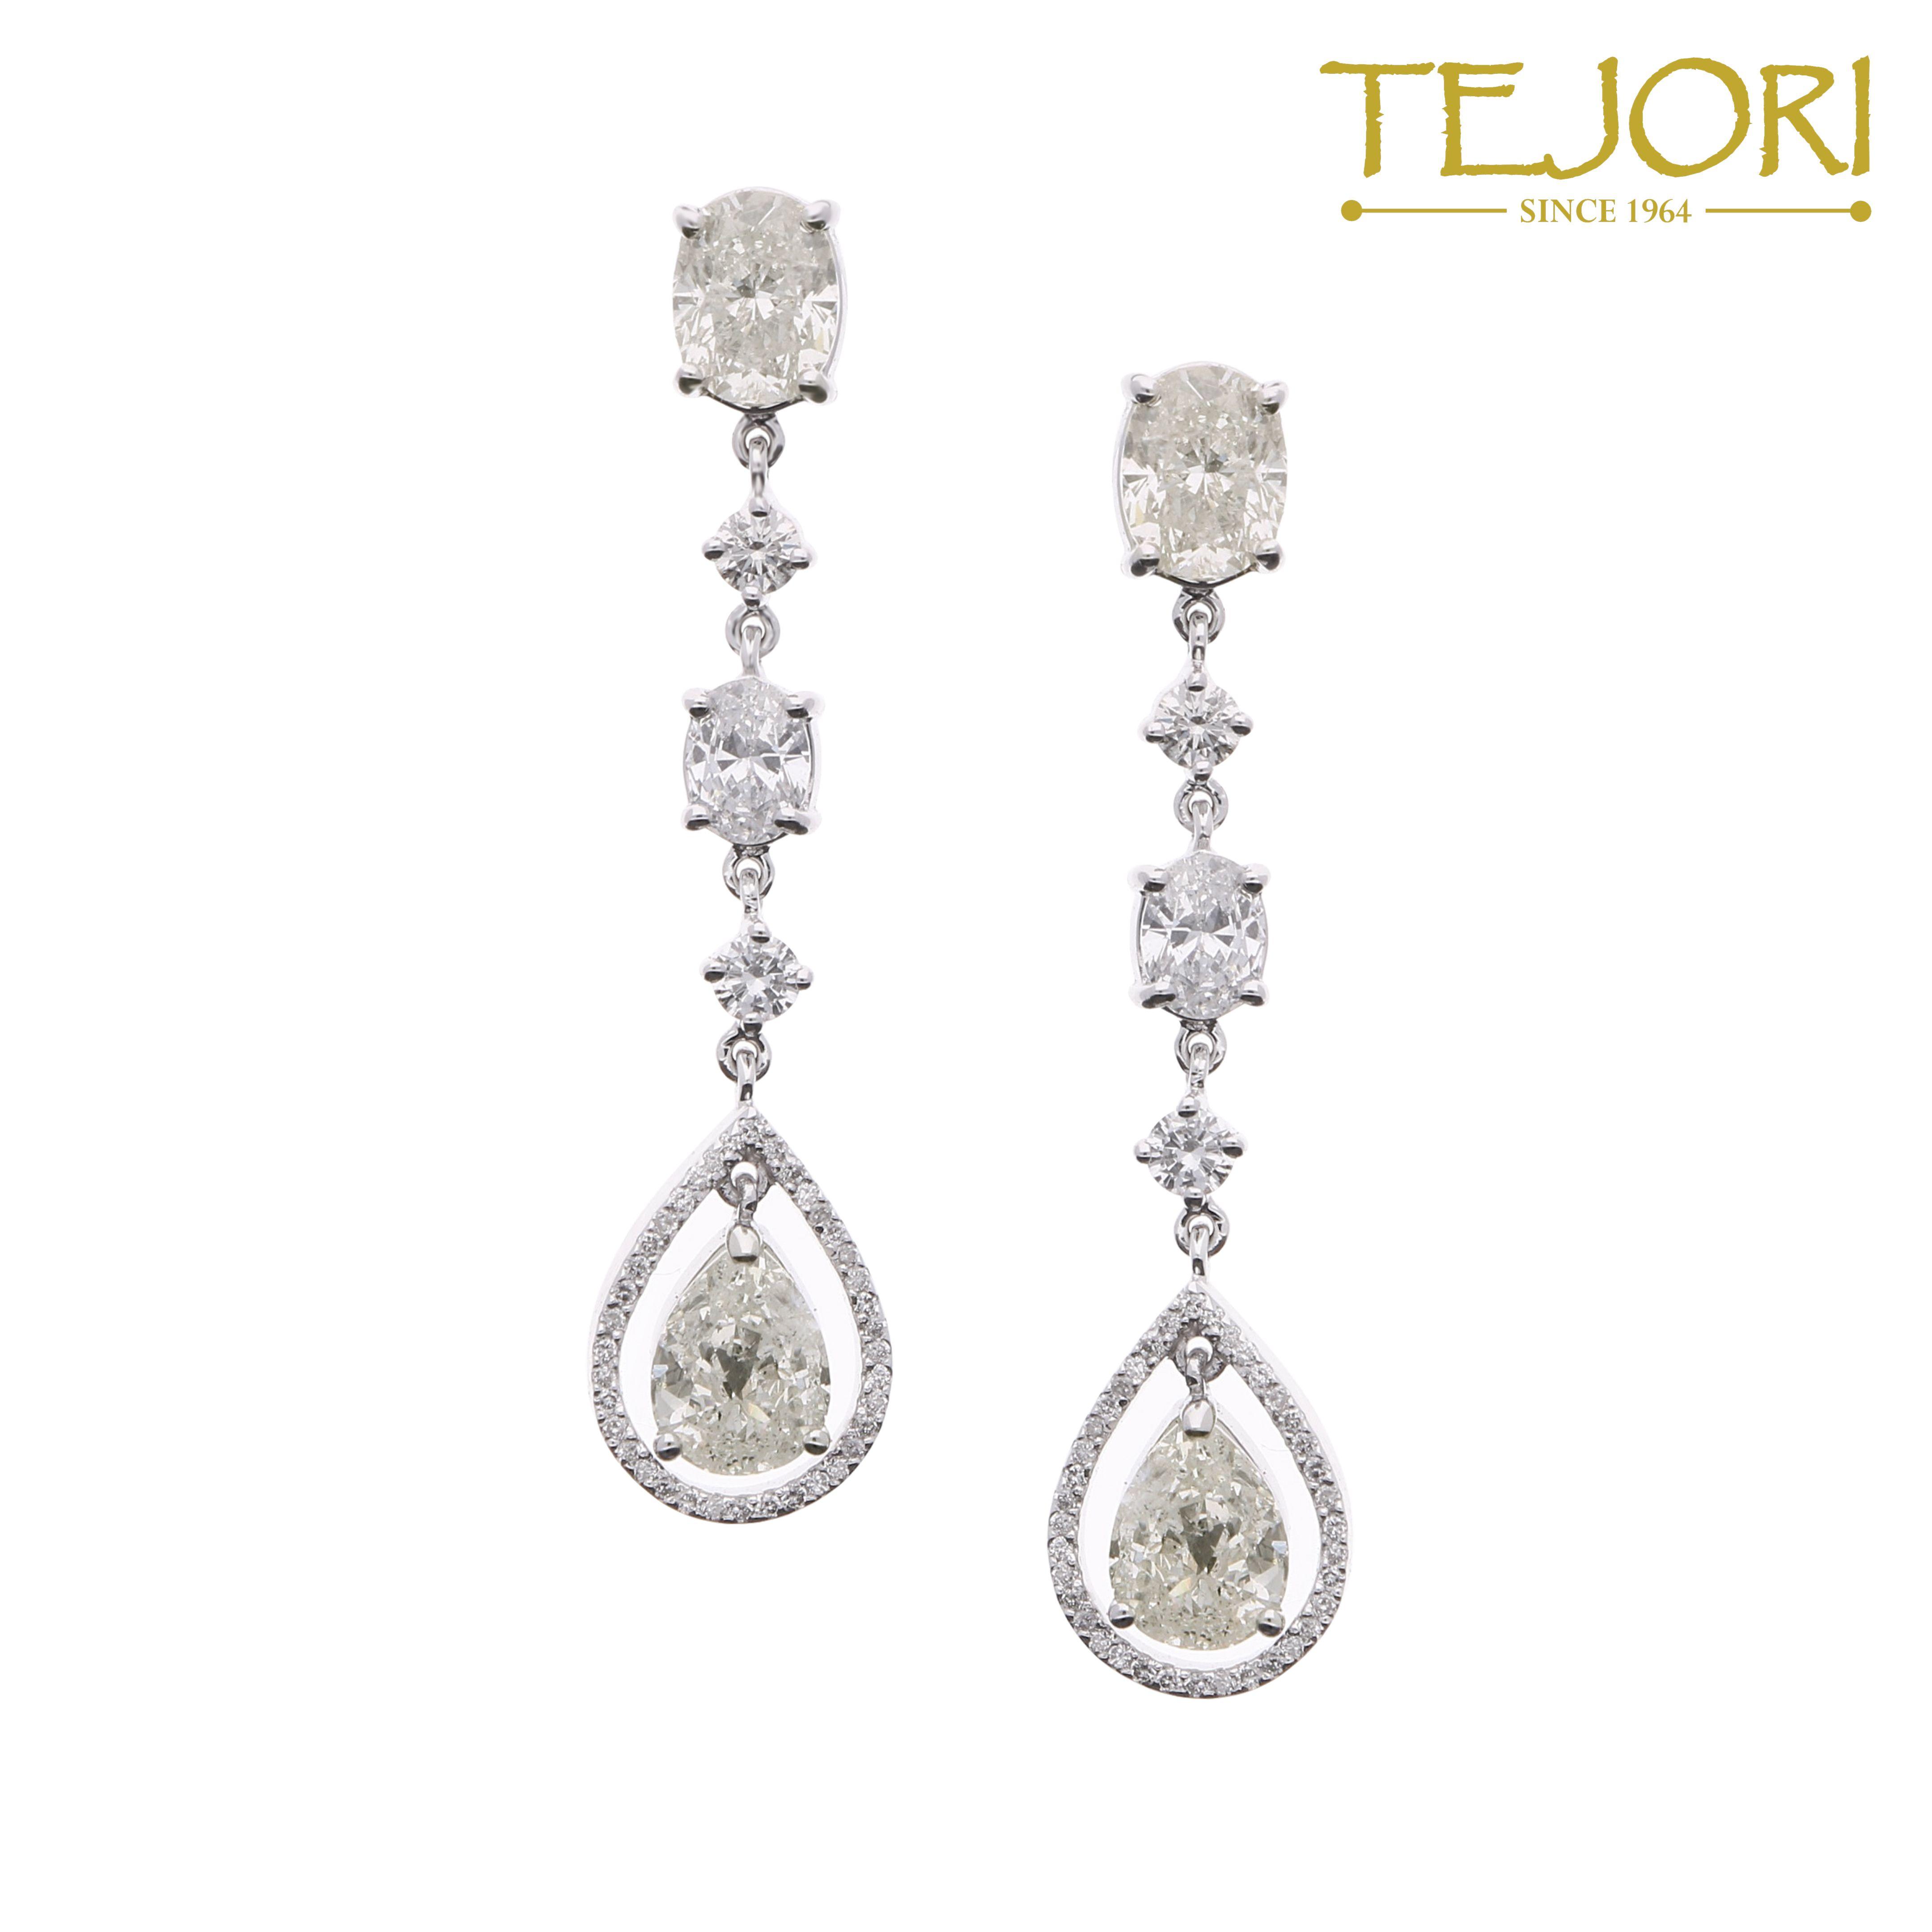 Faint Yellow Diamond Earrings In 18k White Gold For 65